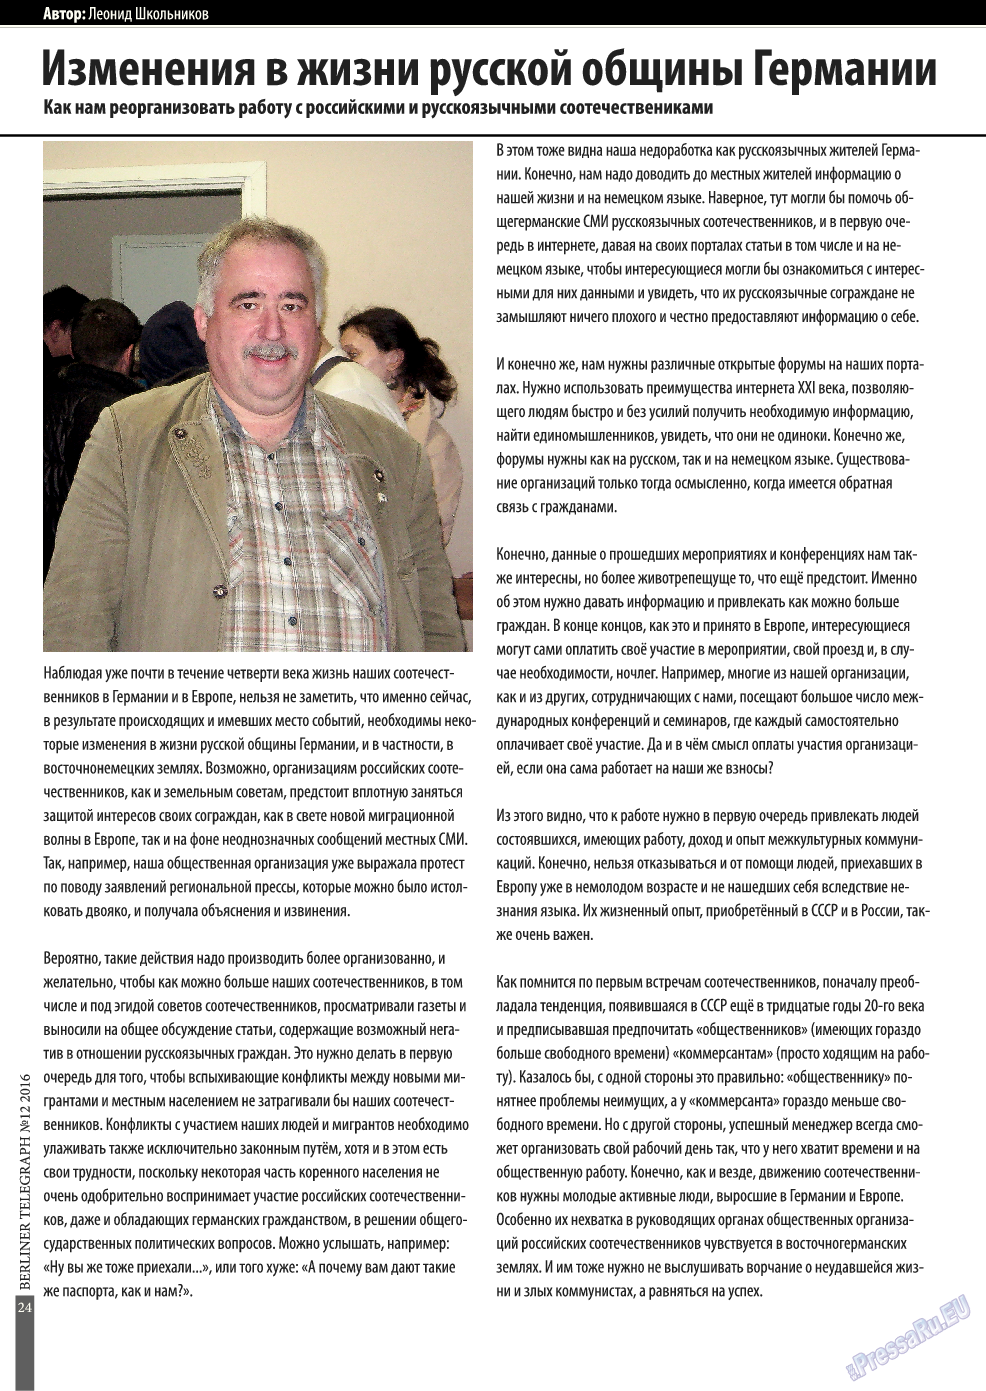 Берлинский телеграф (журнал). 2016 год, номер 12, стр. 24